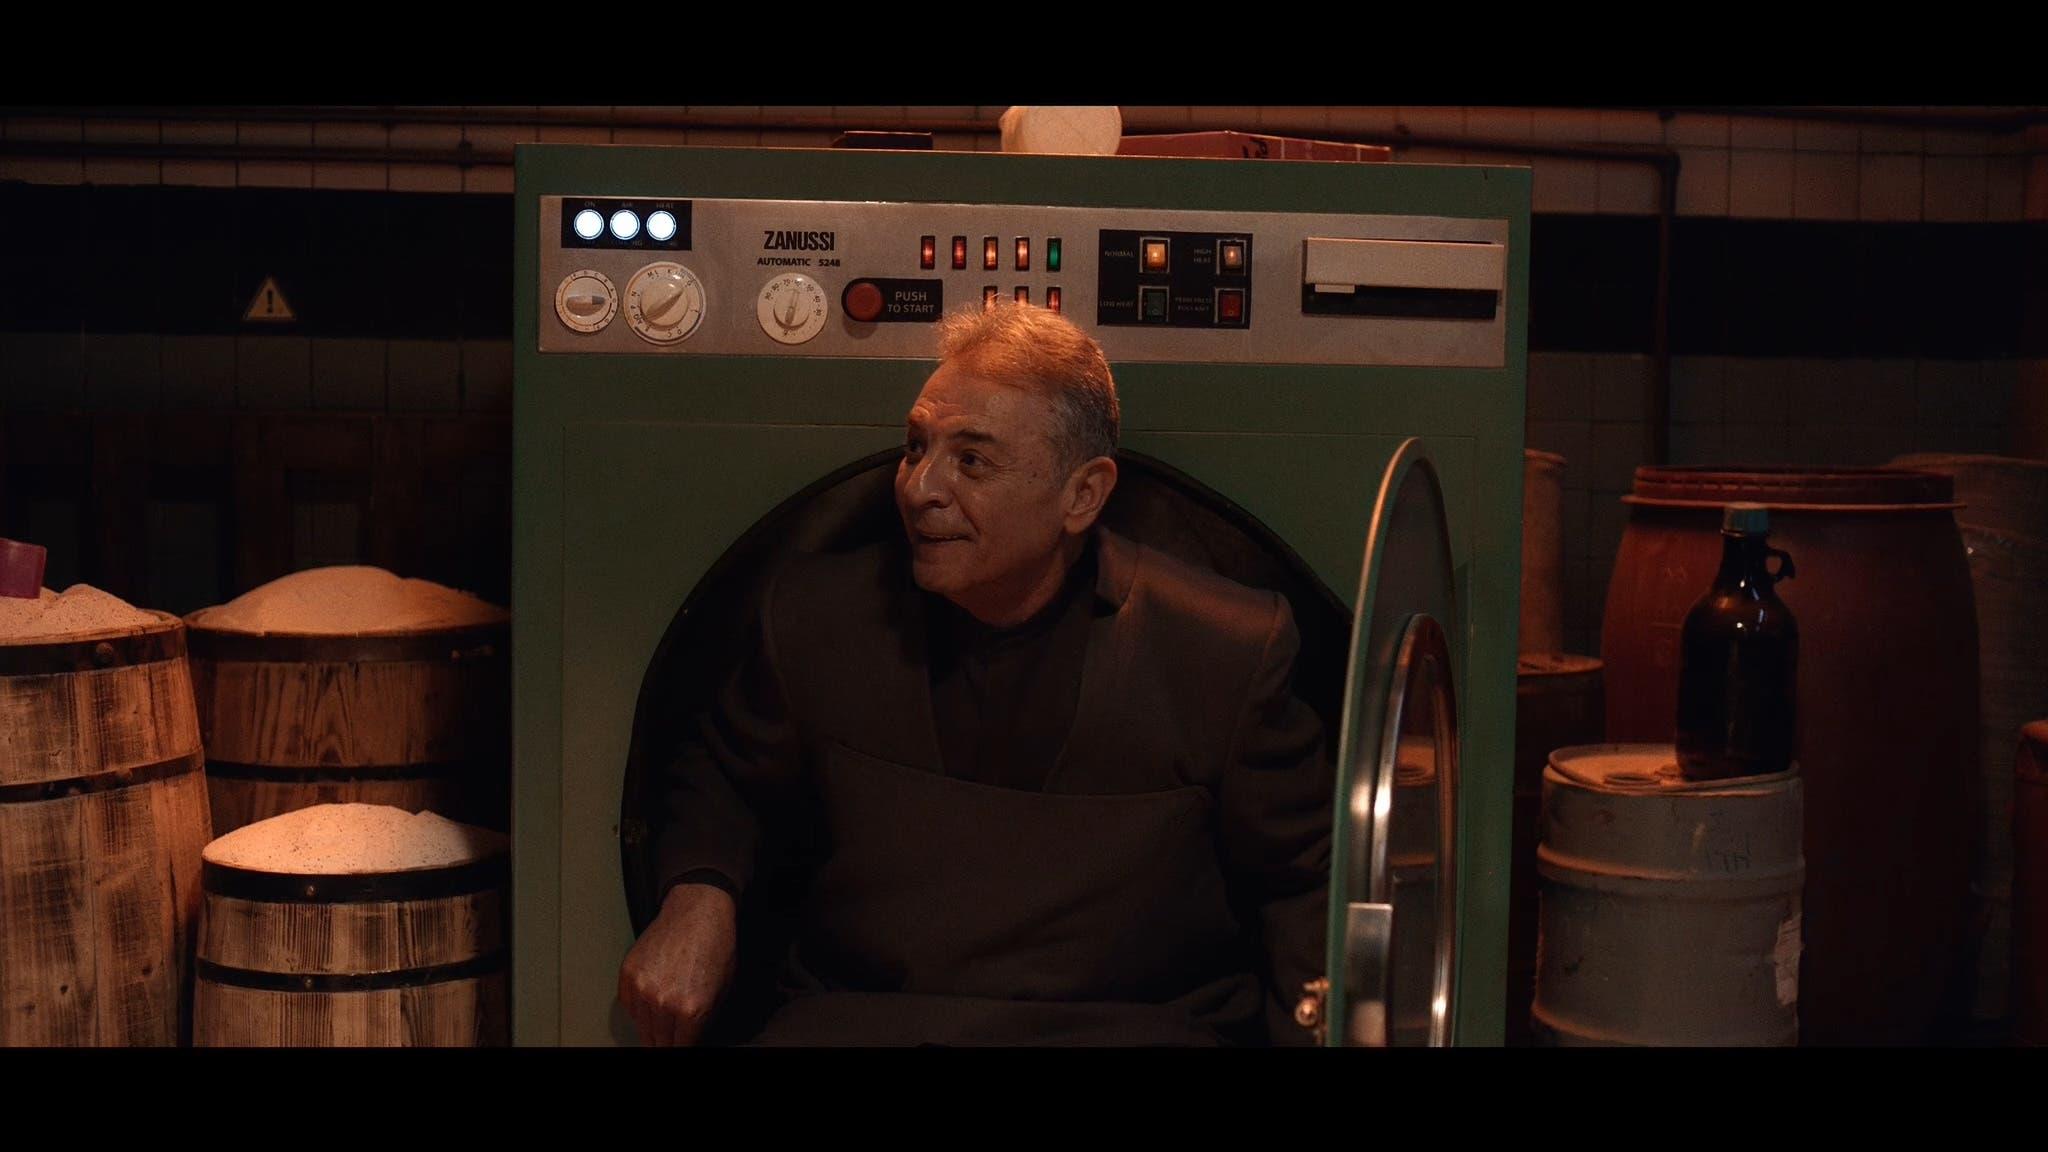 مشهد من فيلم الغسالة